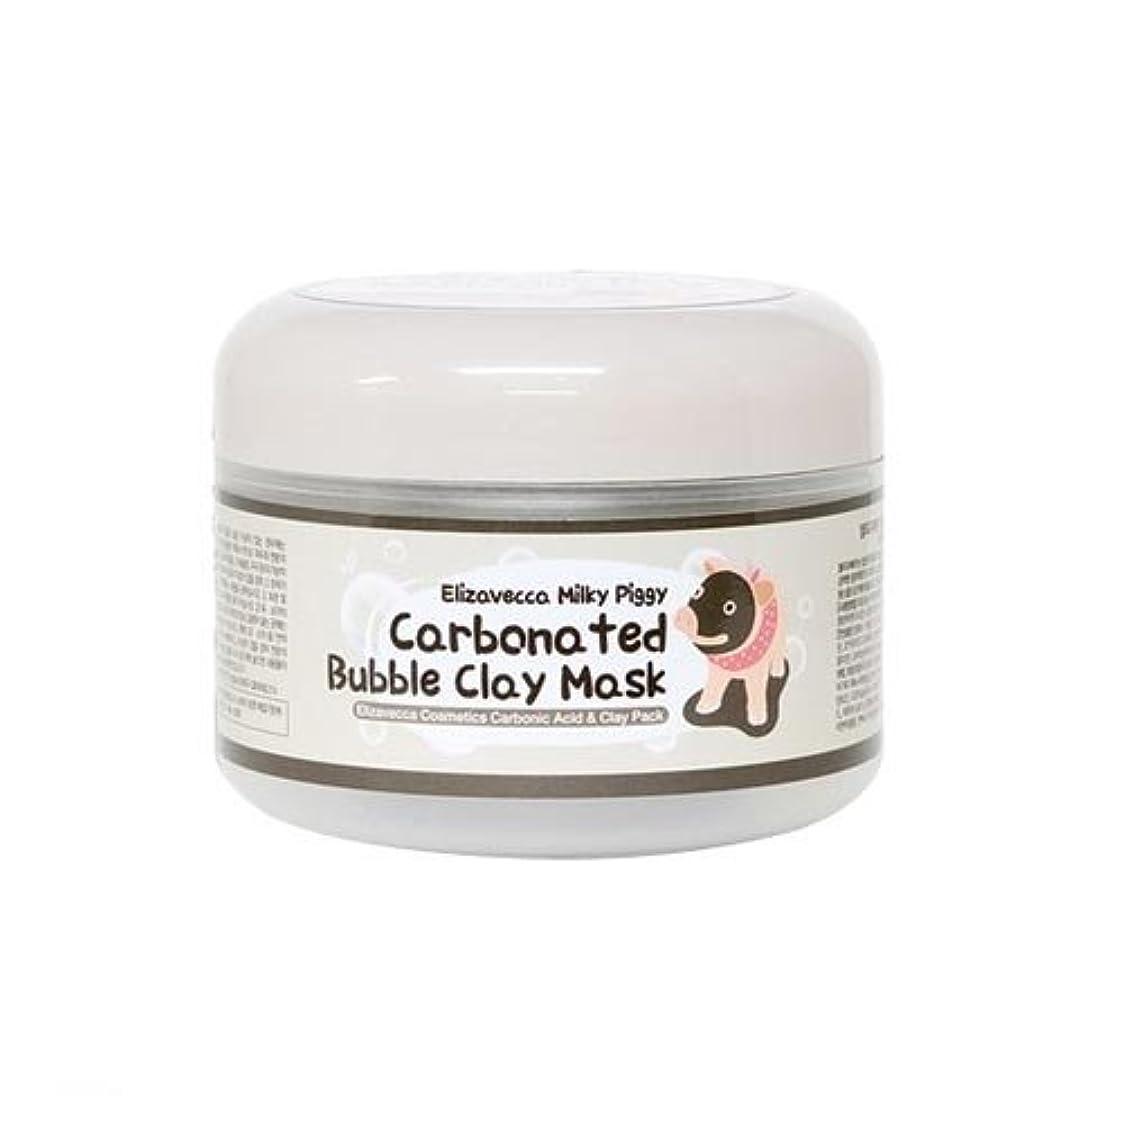 時間厳守節約意志に反する(6 Pack) ELIZAVECCA Carbonated Bubble Clay Mask (並行輸入品)